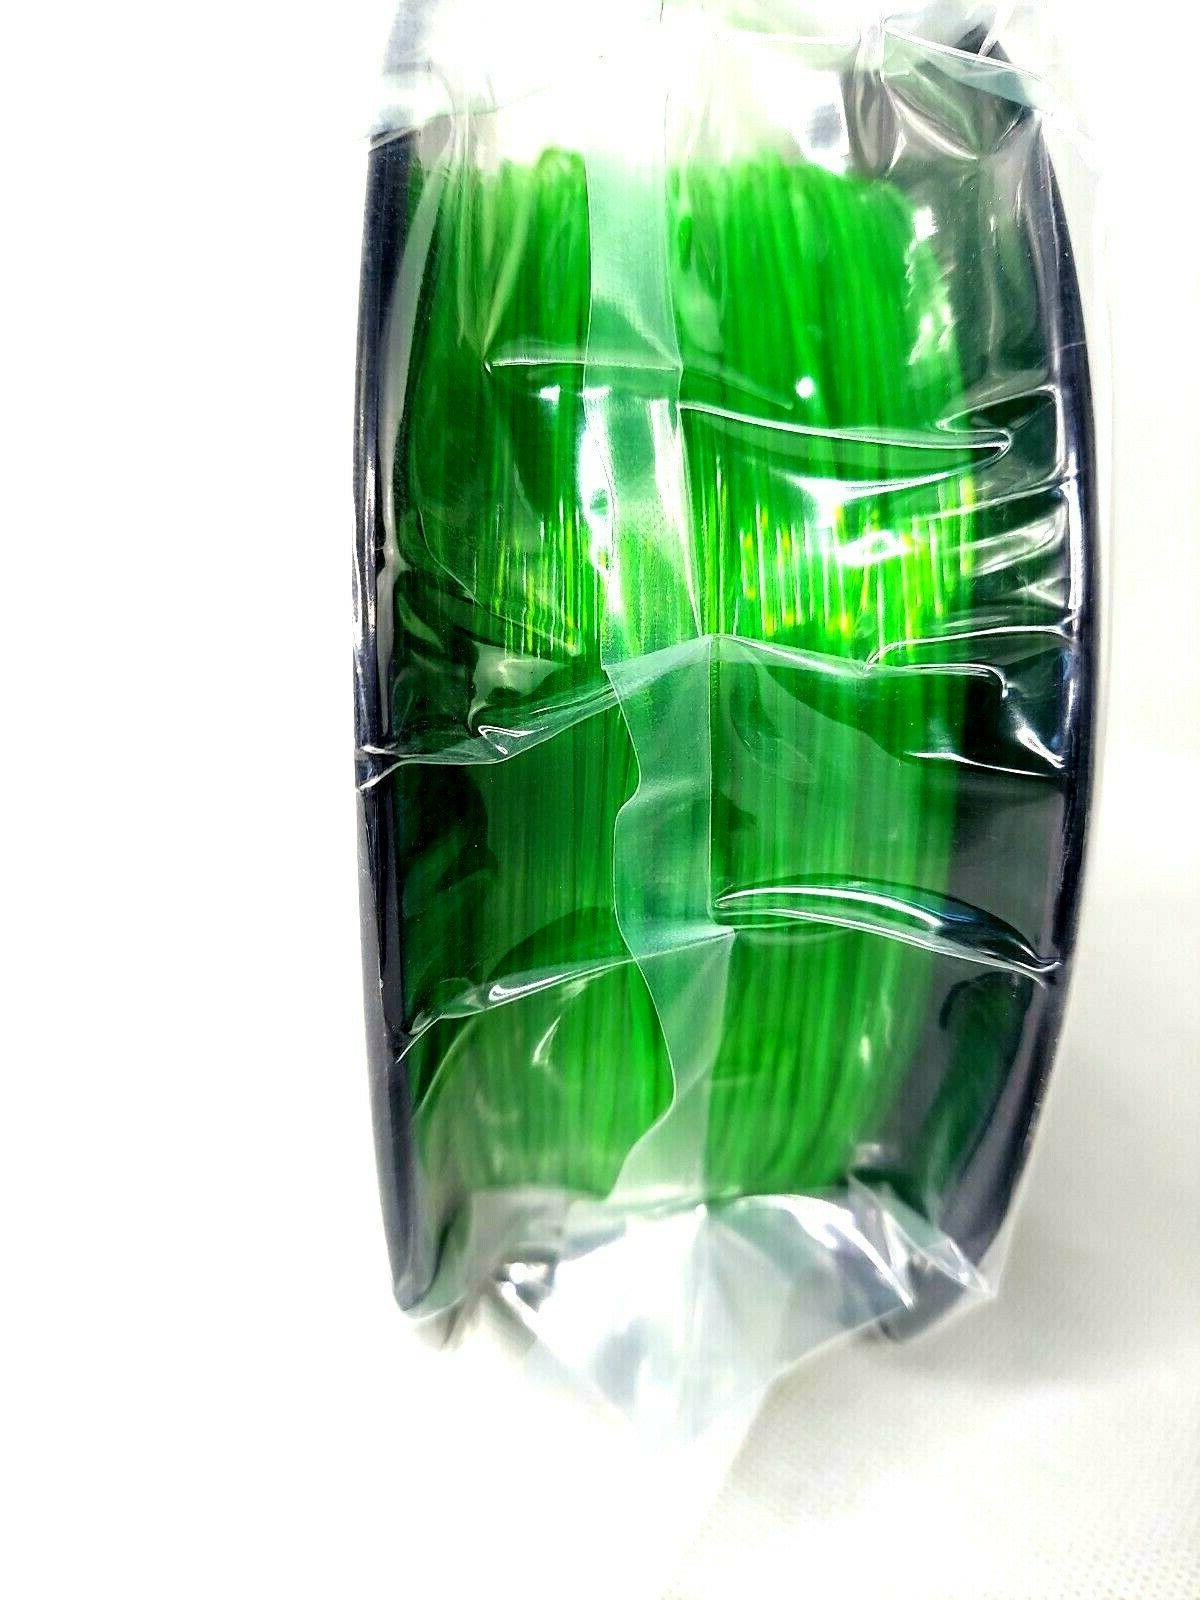 3D Solutech Through GREEN 1.75mm Flexible 3D Printer Filament LBS